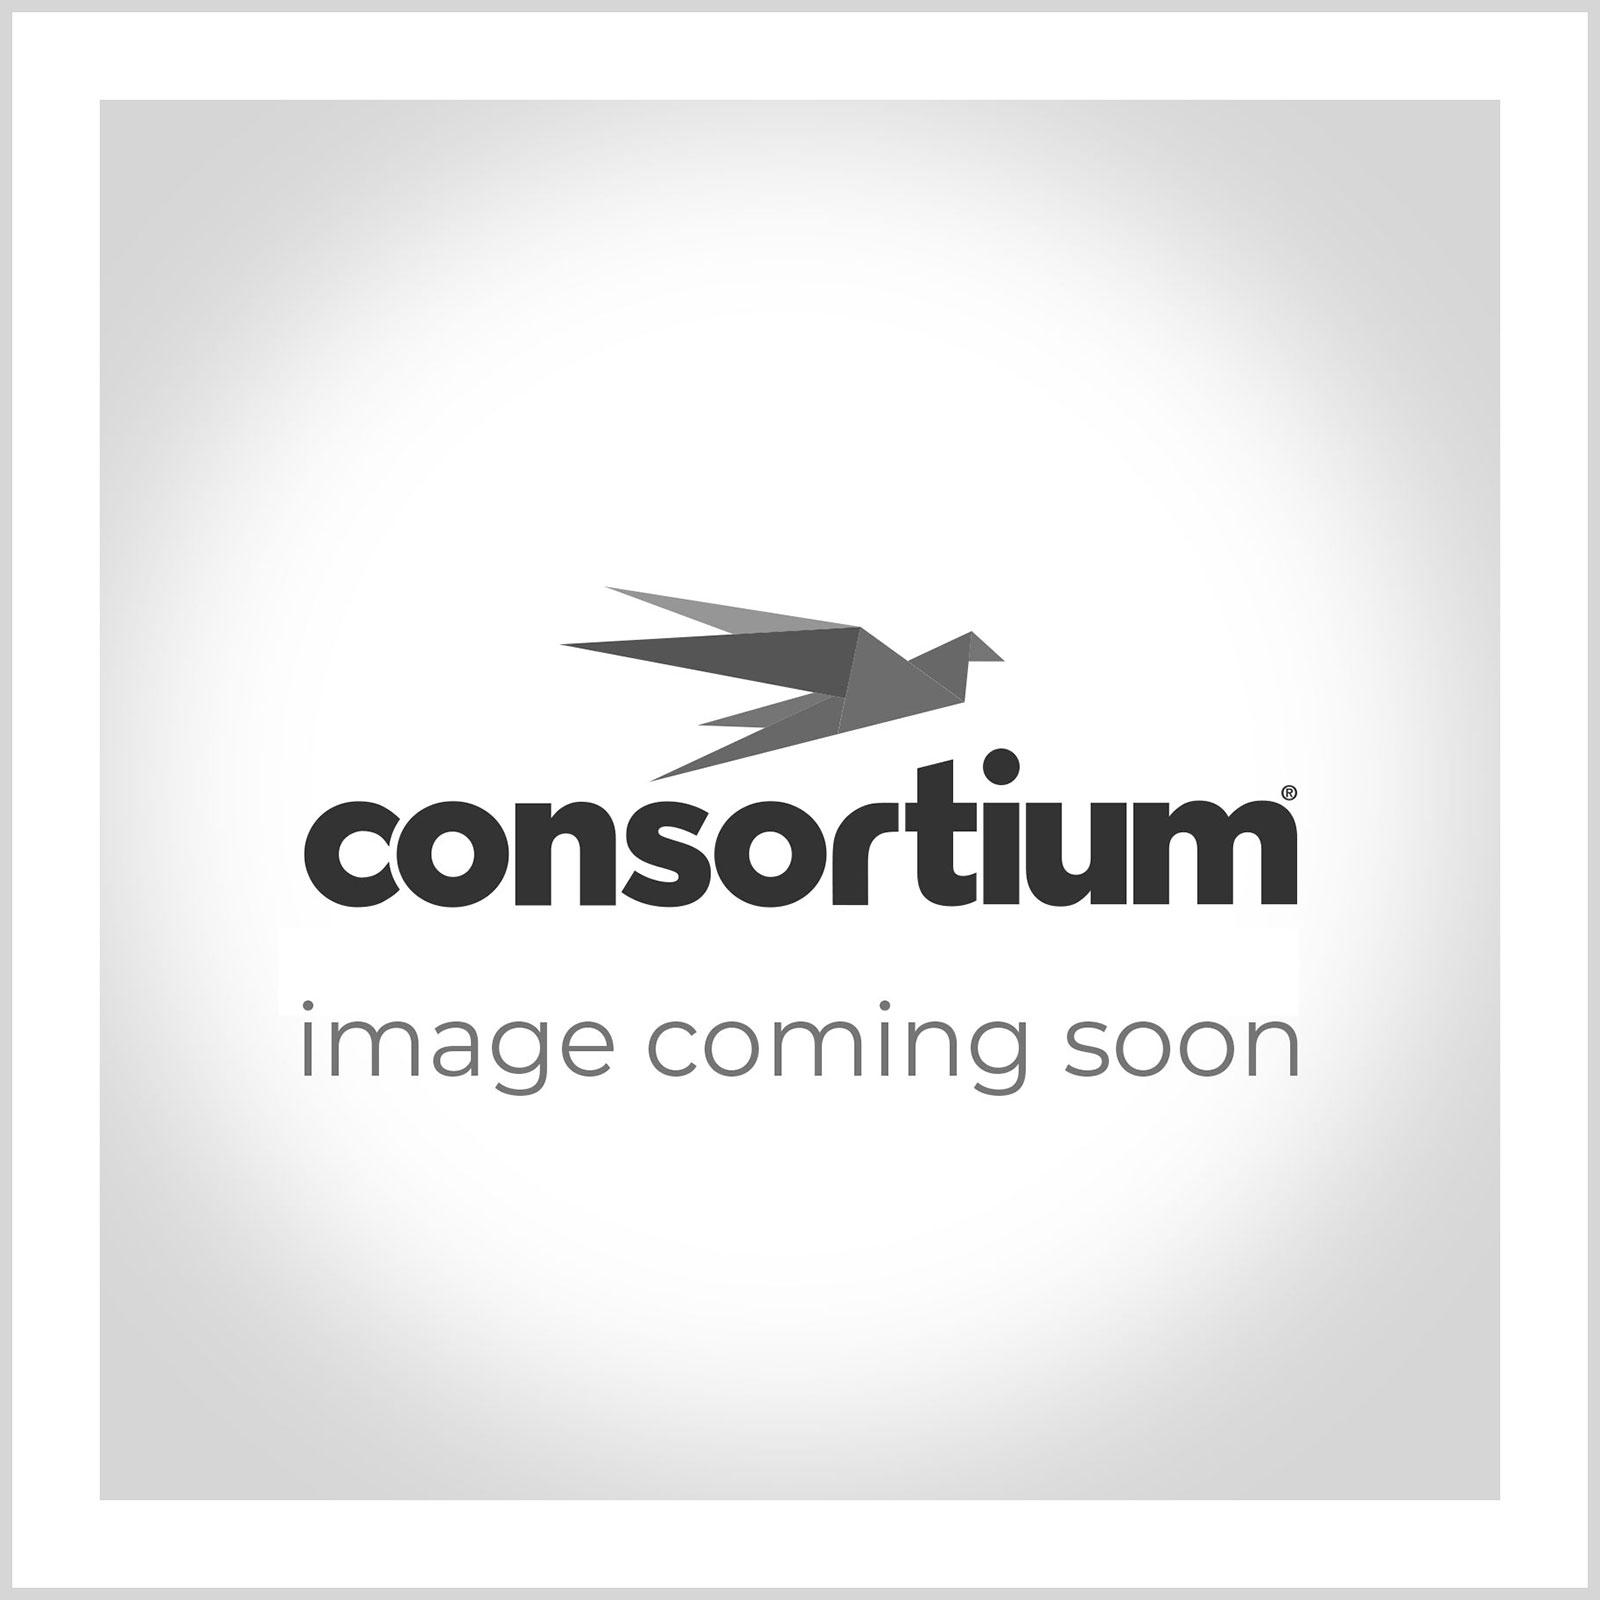 BIG DEAL 12 Mitre® Impel Ball Sack Bundle